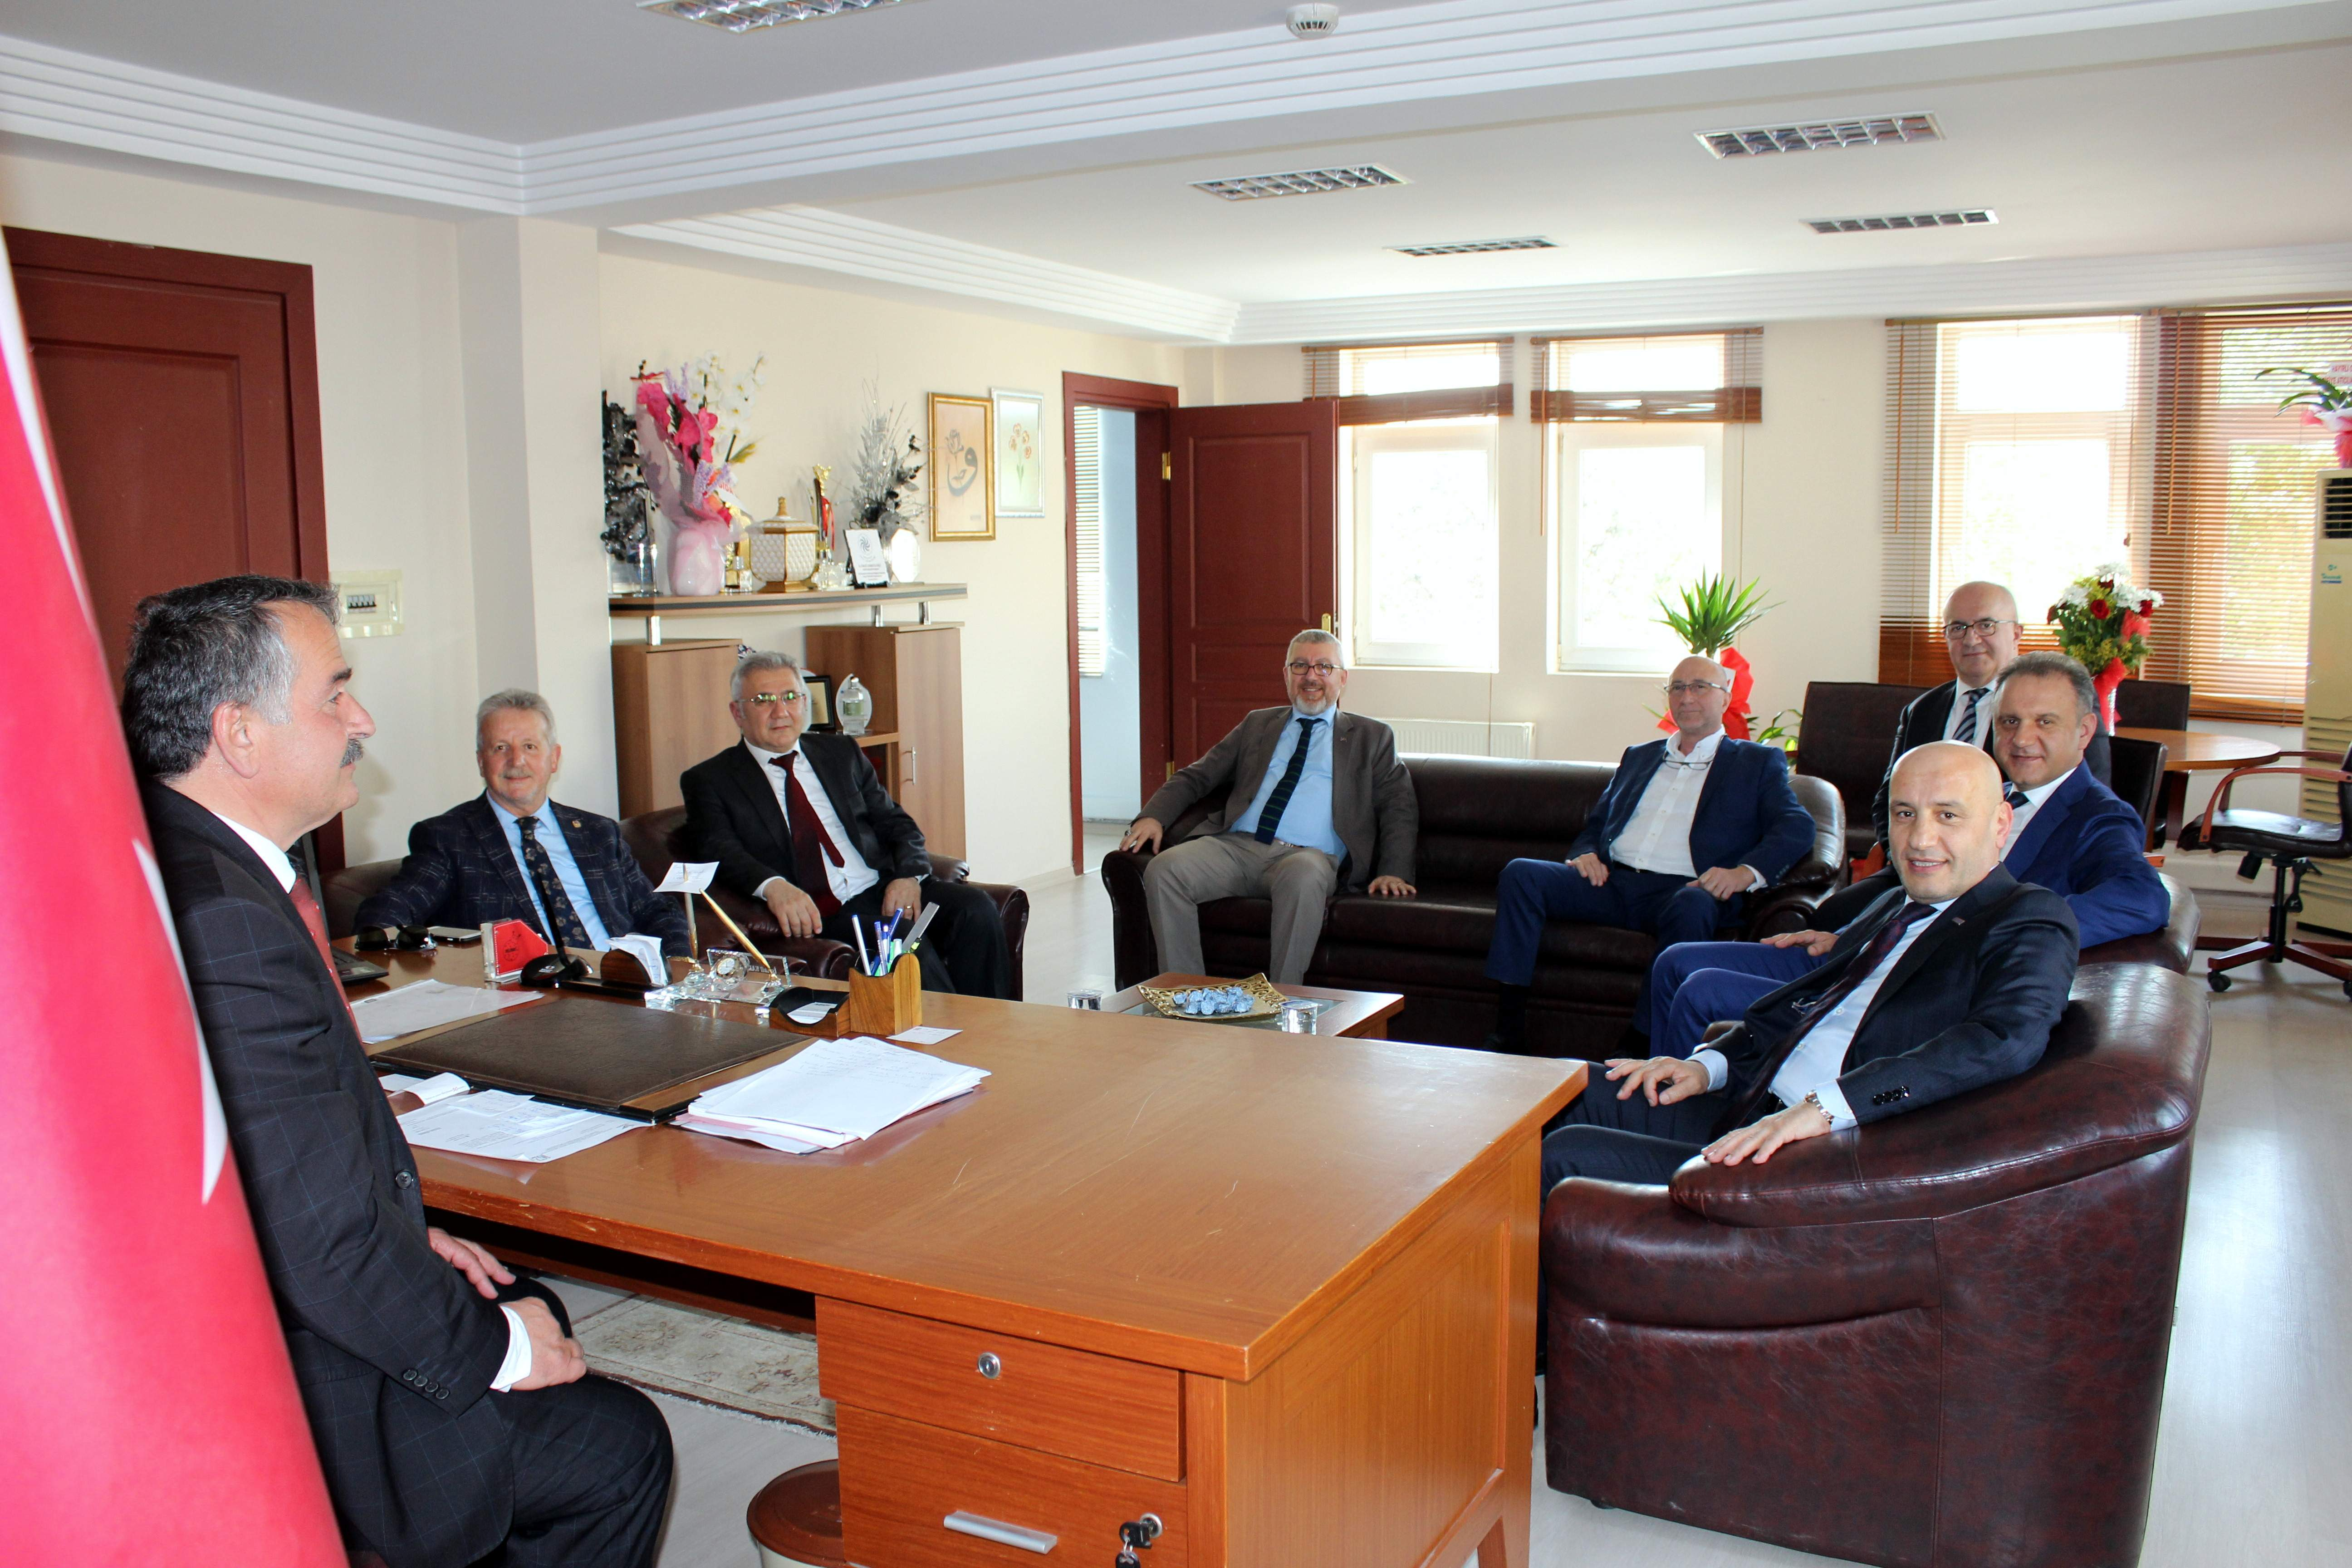 1.Organize Sanayi Bölgesi Yönetimi Başkan Karakullukçu'ya Hayırlı olsun dediler